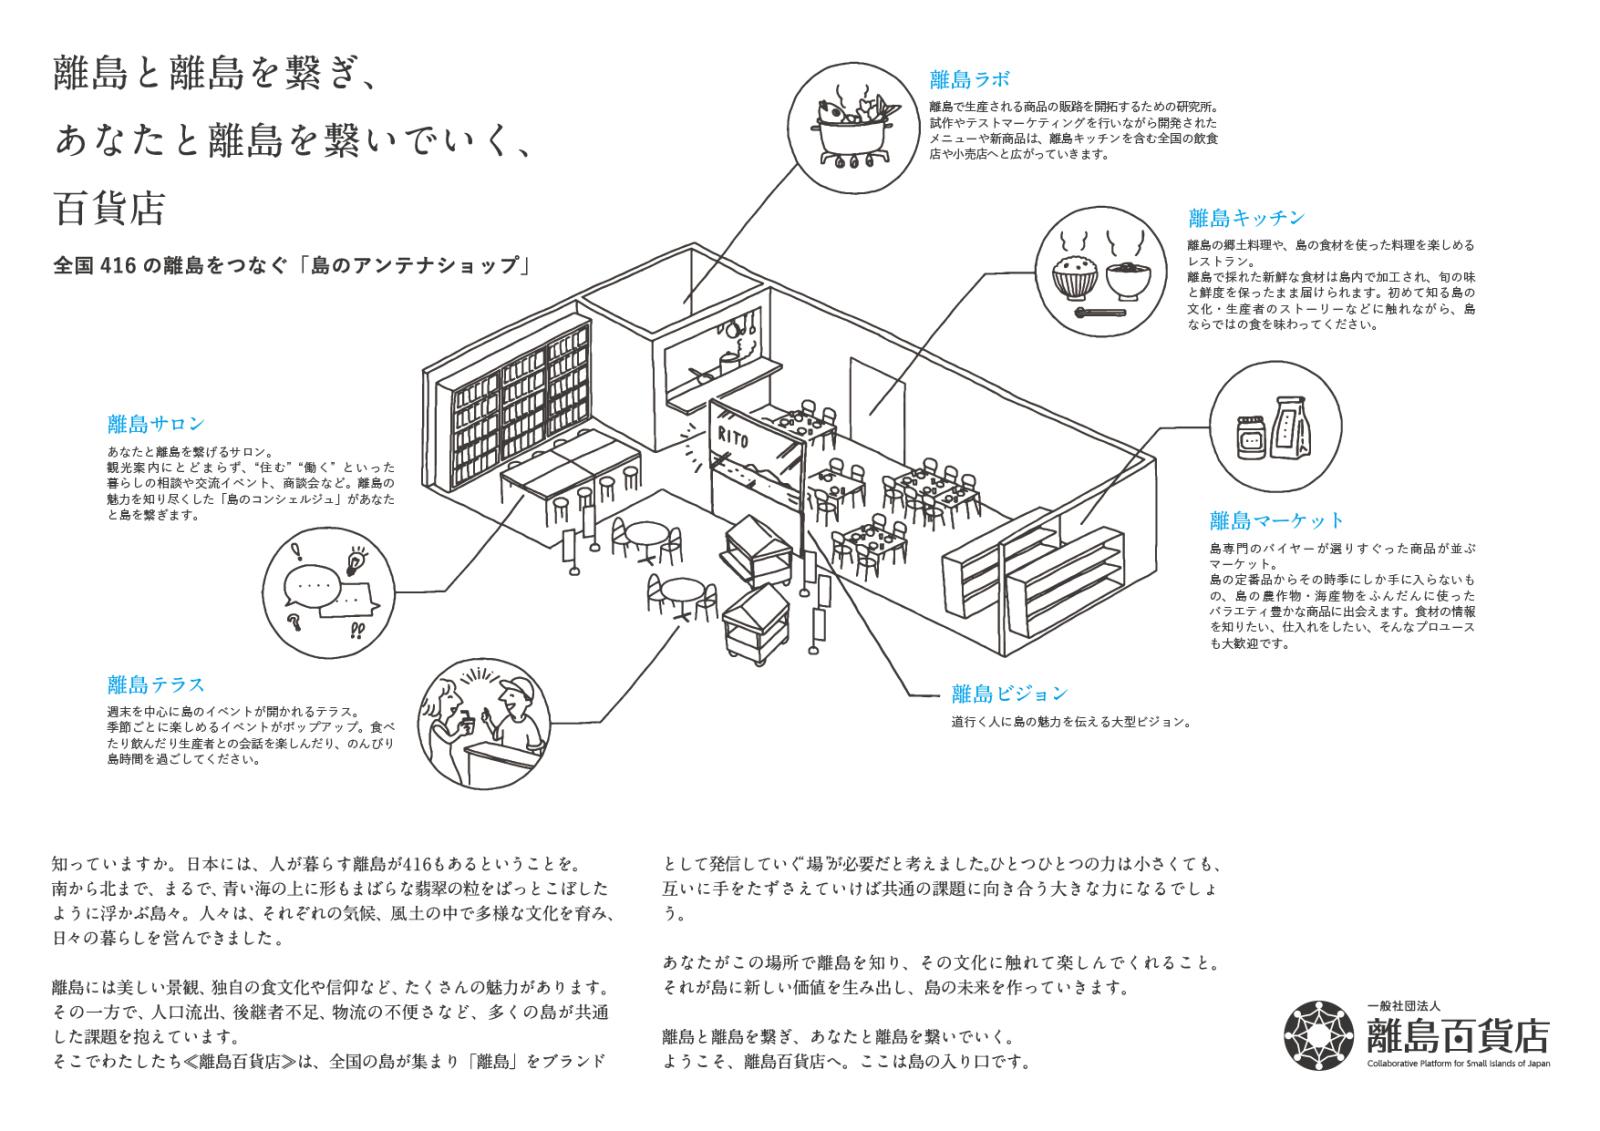 離島百貨店の概念図。消費者から見れば、日本の離島のことが一覧でき、料理や特産品を味わったり、買える場所であり、離島の事業者や行政担当者から見ればマーケティングが行なえて、消費者との間に立ってくれる地域商社的な動きをしてくれる組織となる。